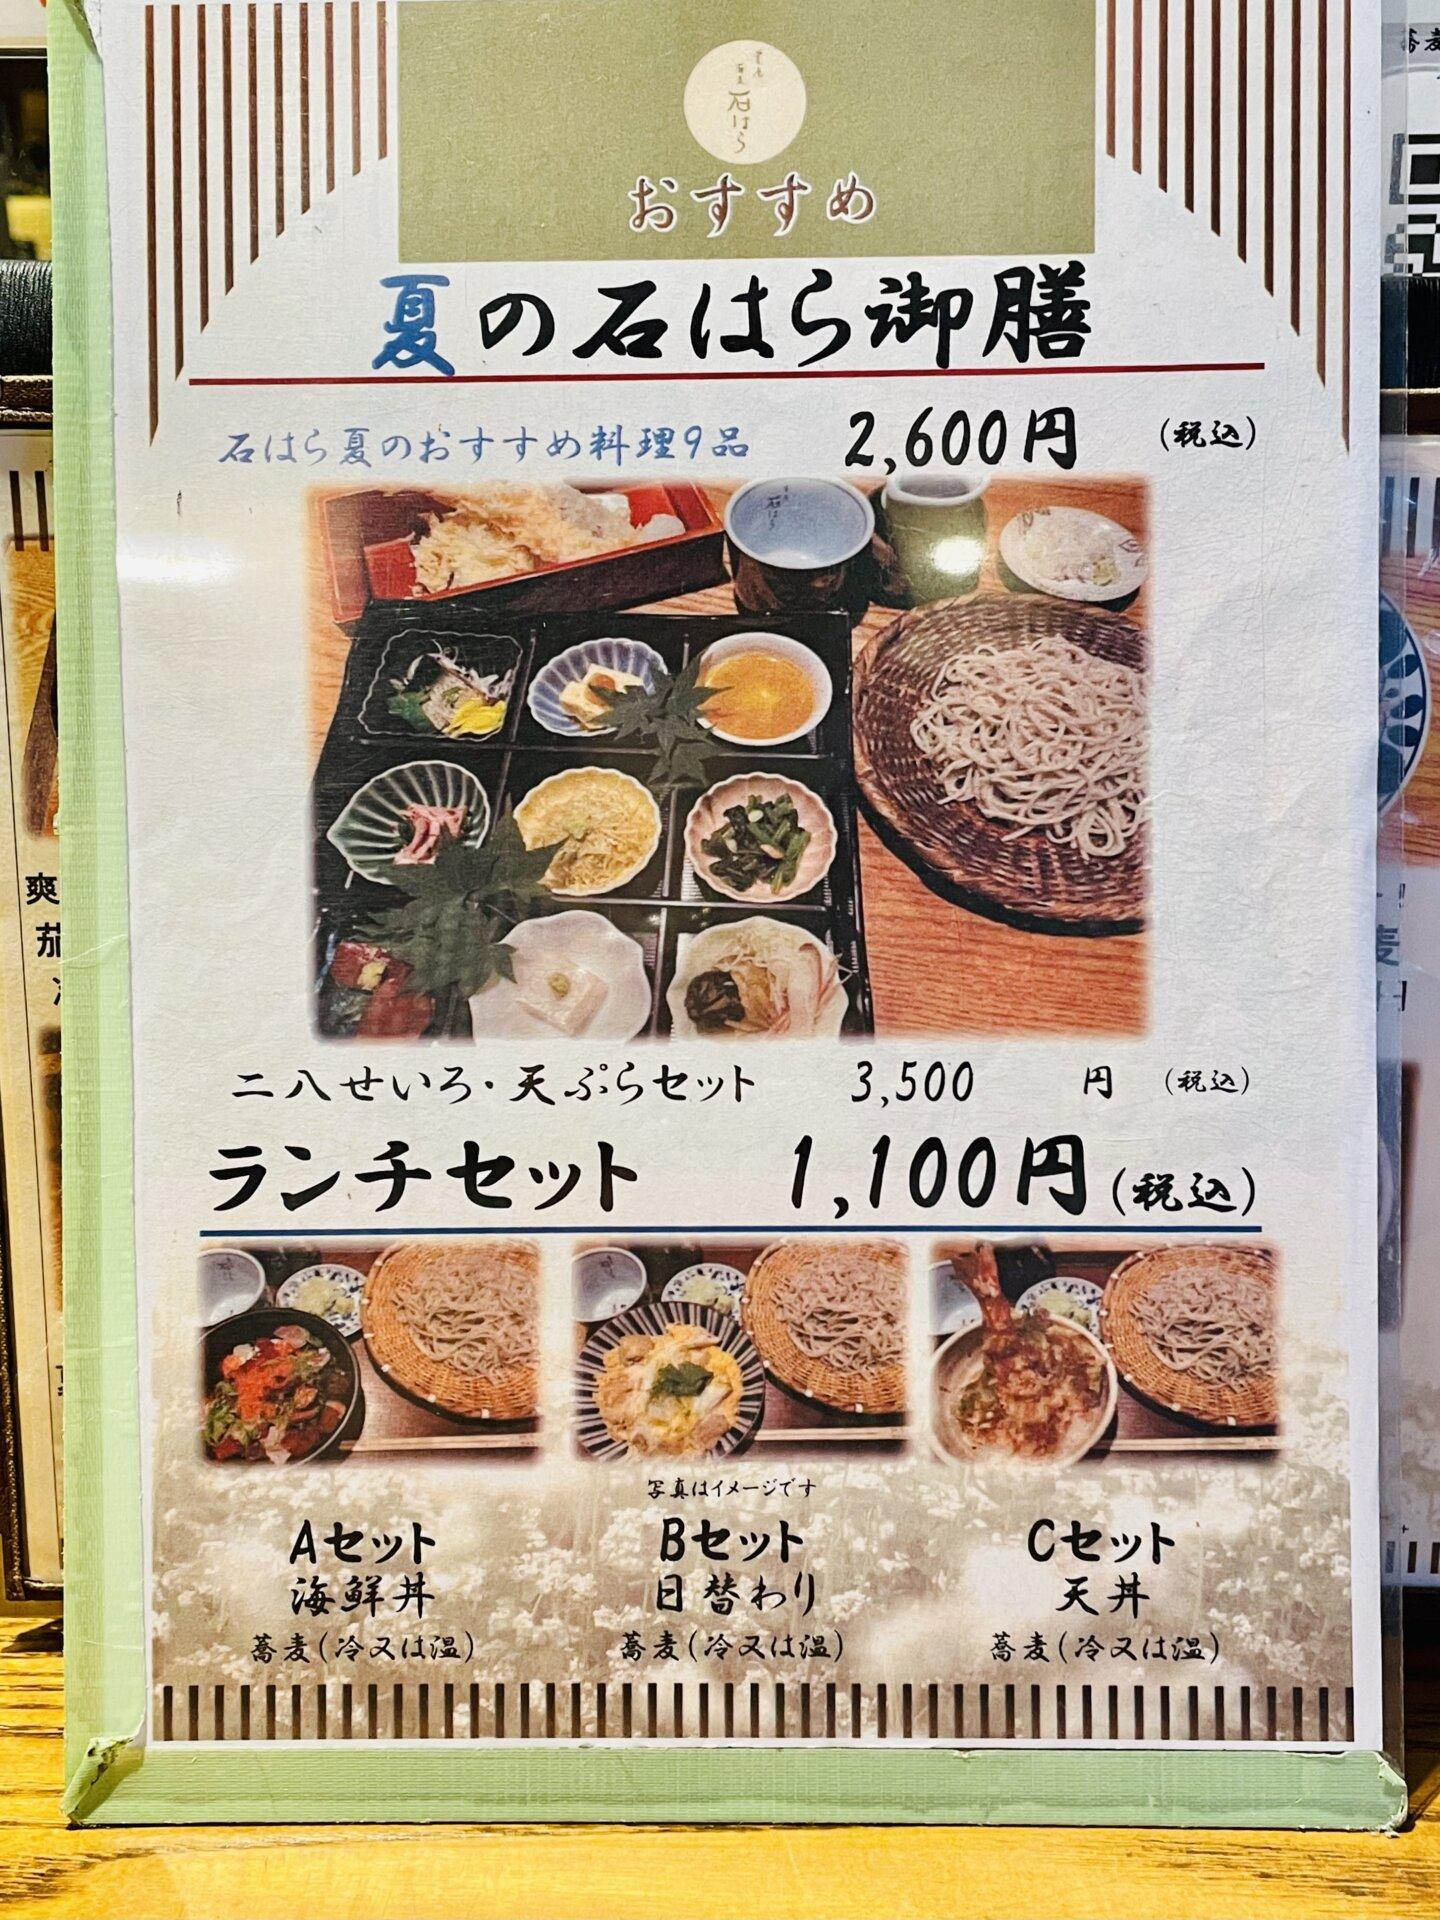 【松陰神社前】本格手打ち蕎麦を都内で楽しむ「石はら 」